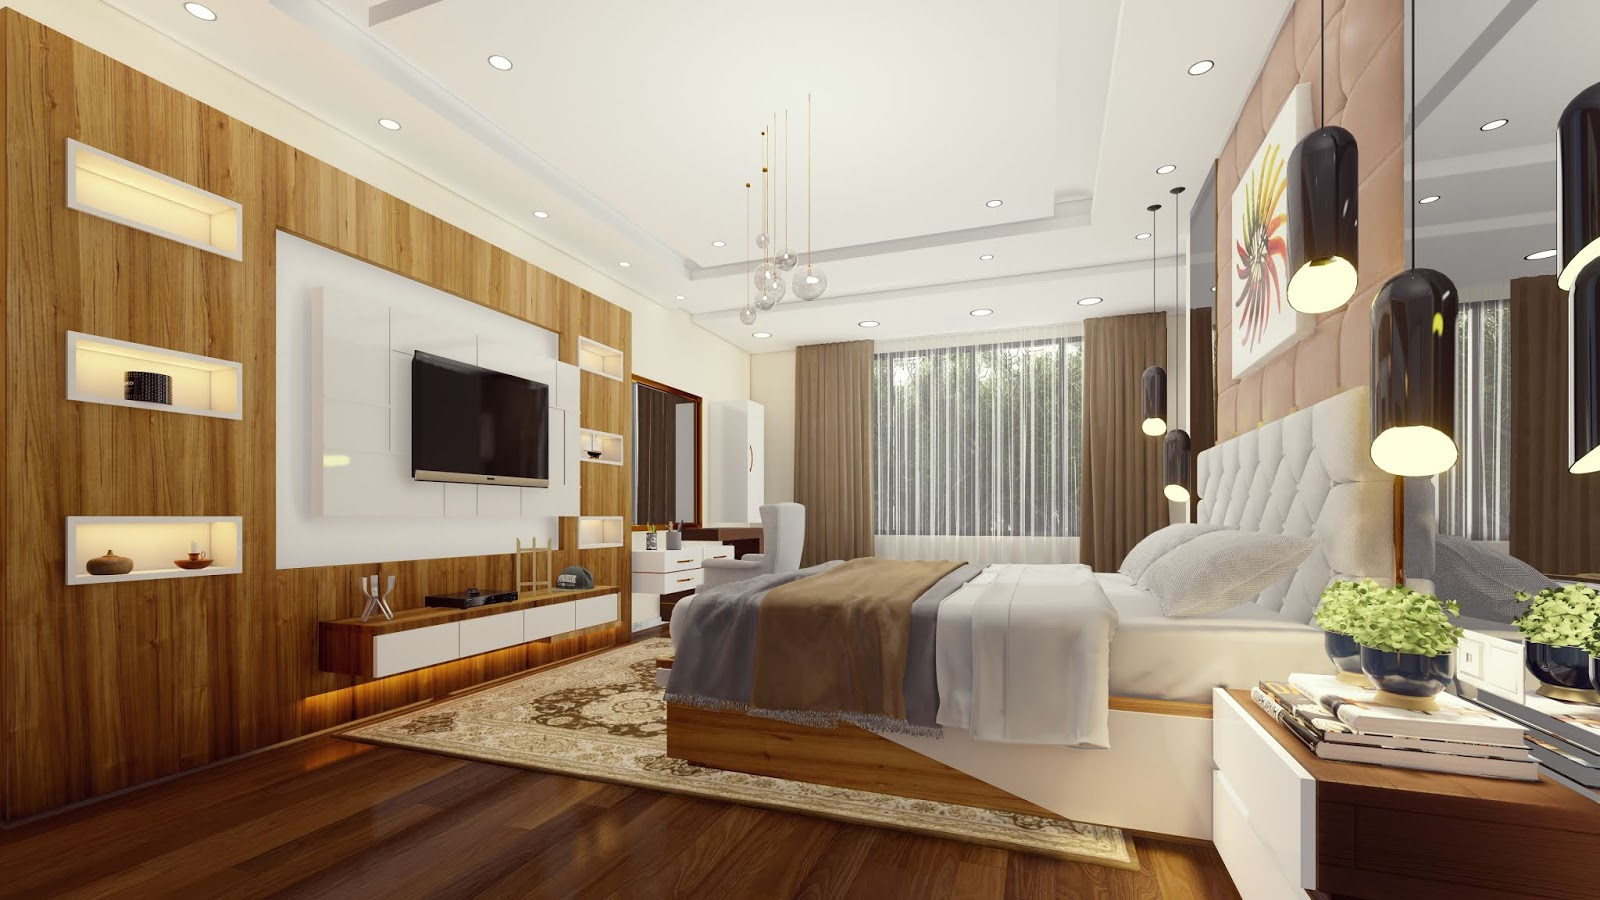 تصاميم منازل 2020 10 1